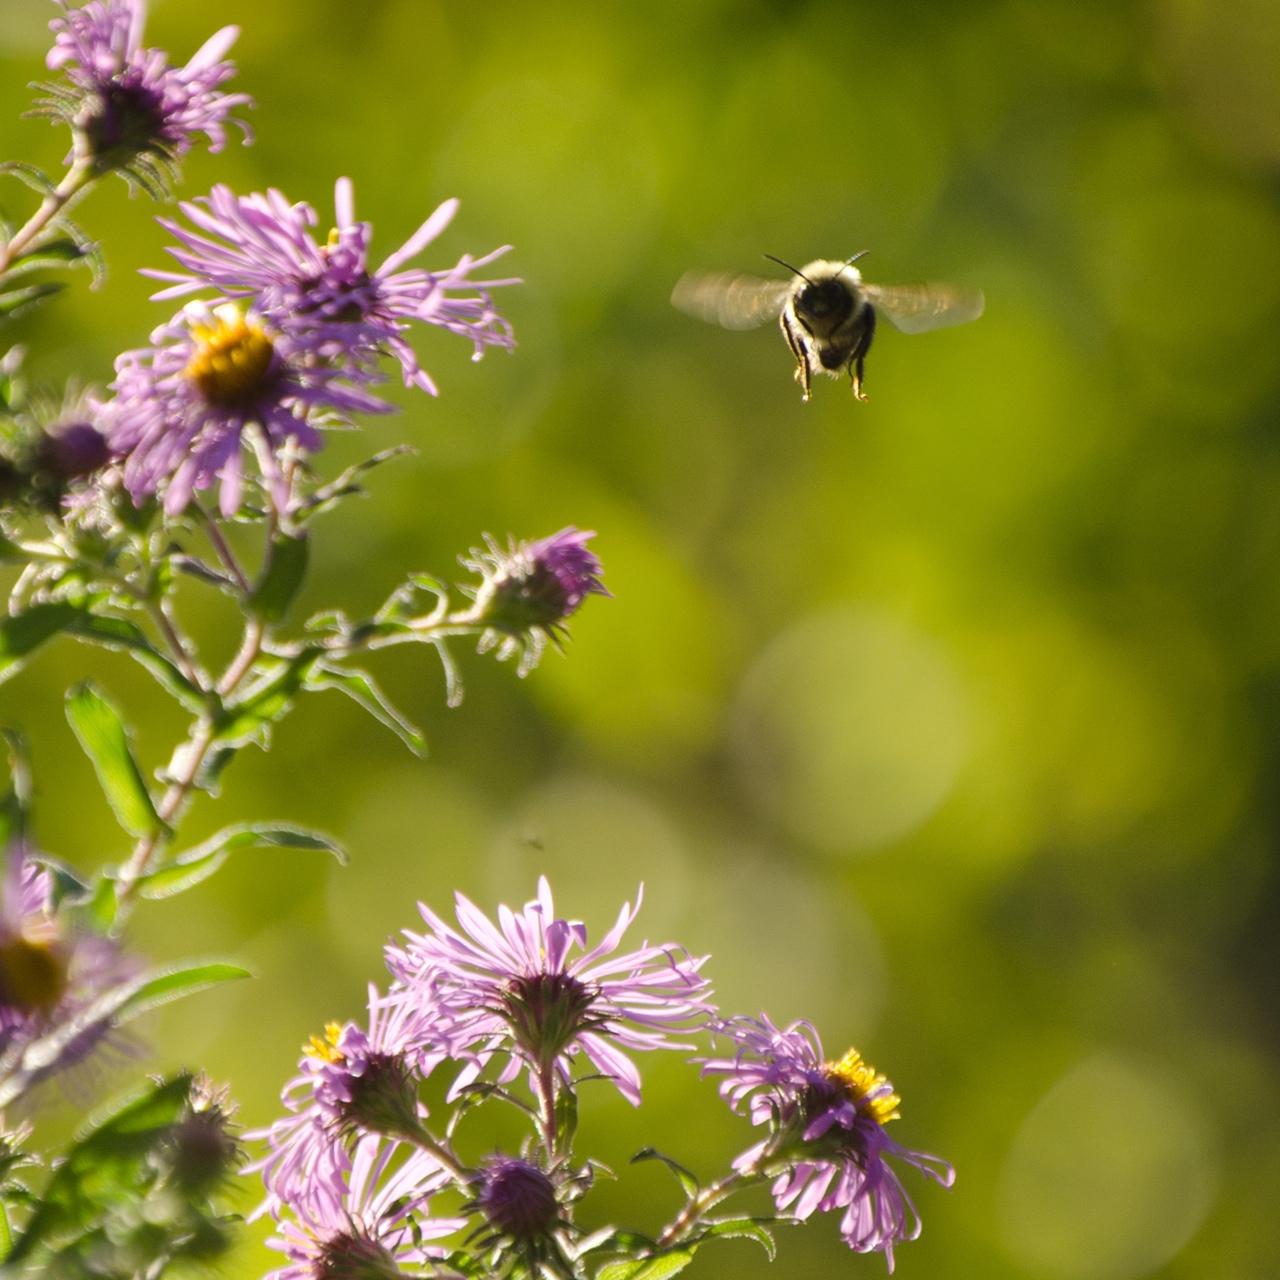 Bees still exist in Brooklyn